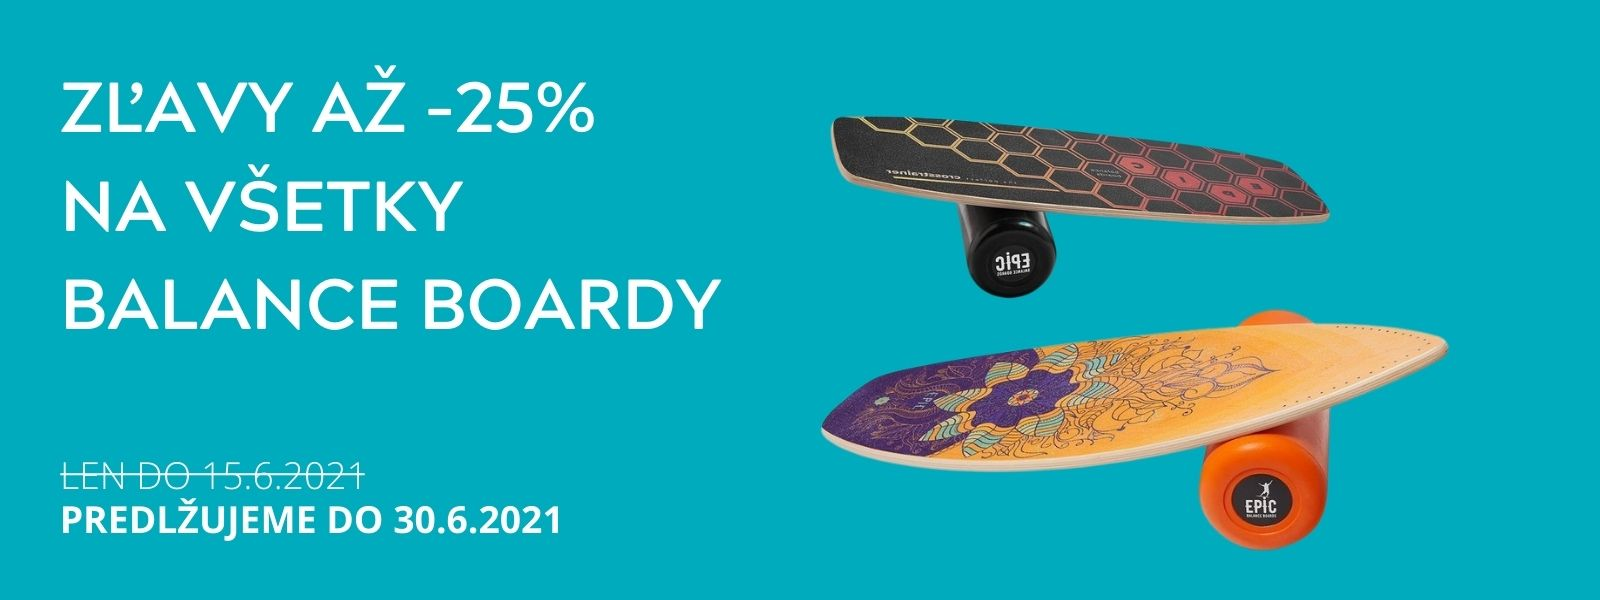 Balance Boardy